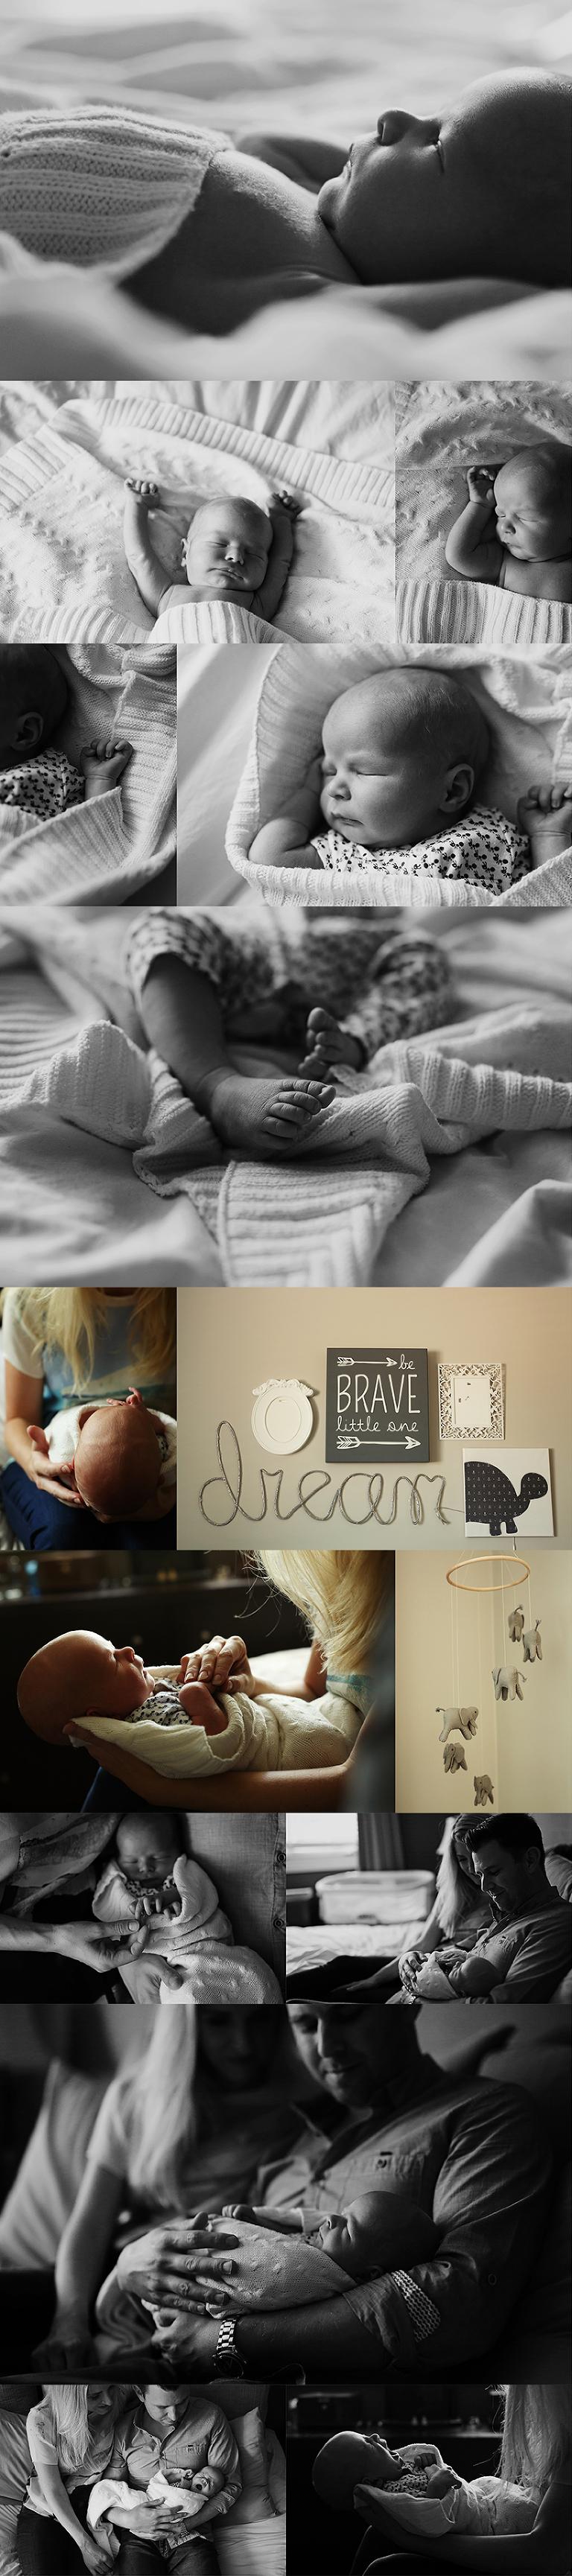 edmonton_newborn_photographer-2